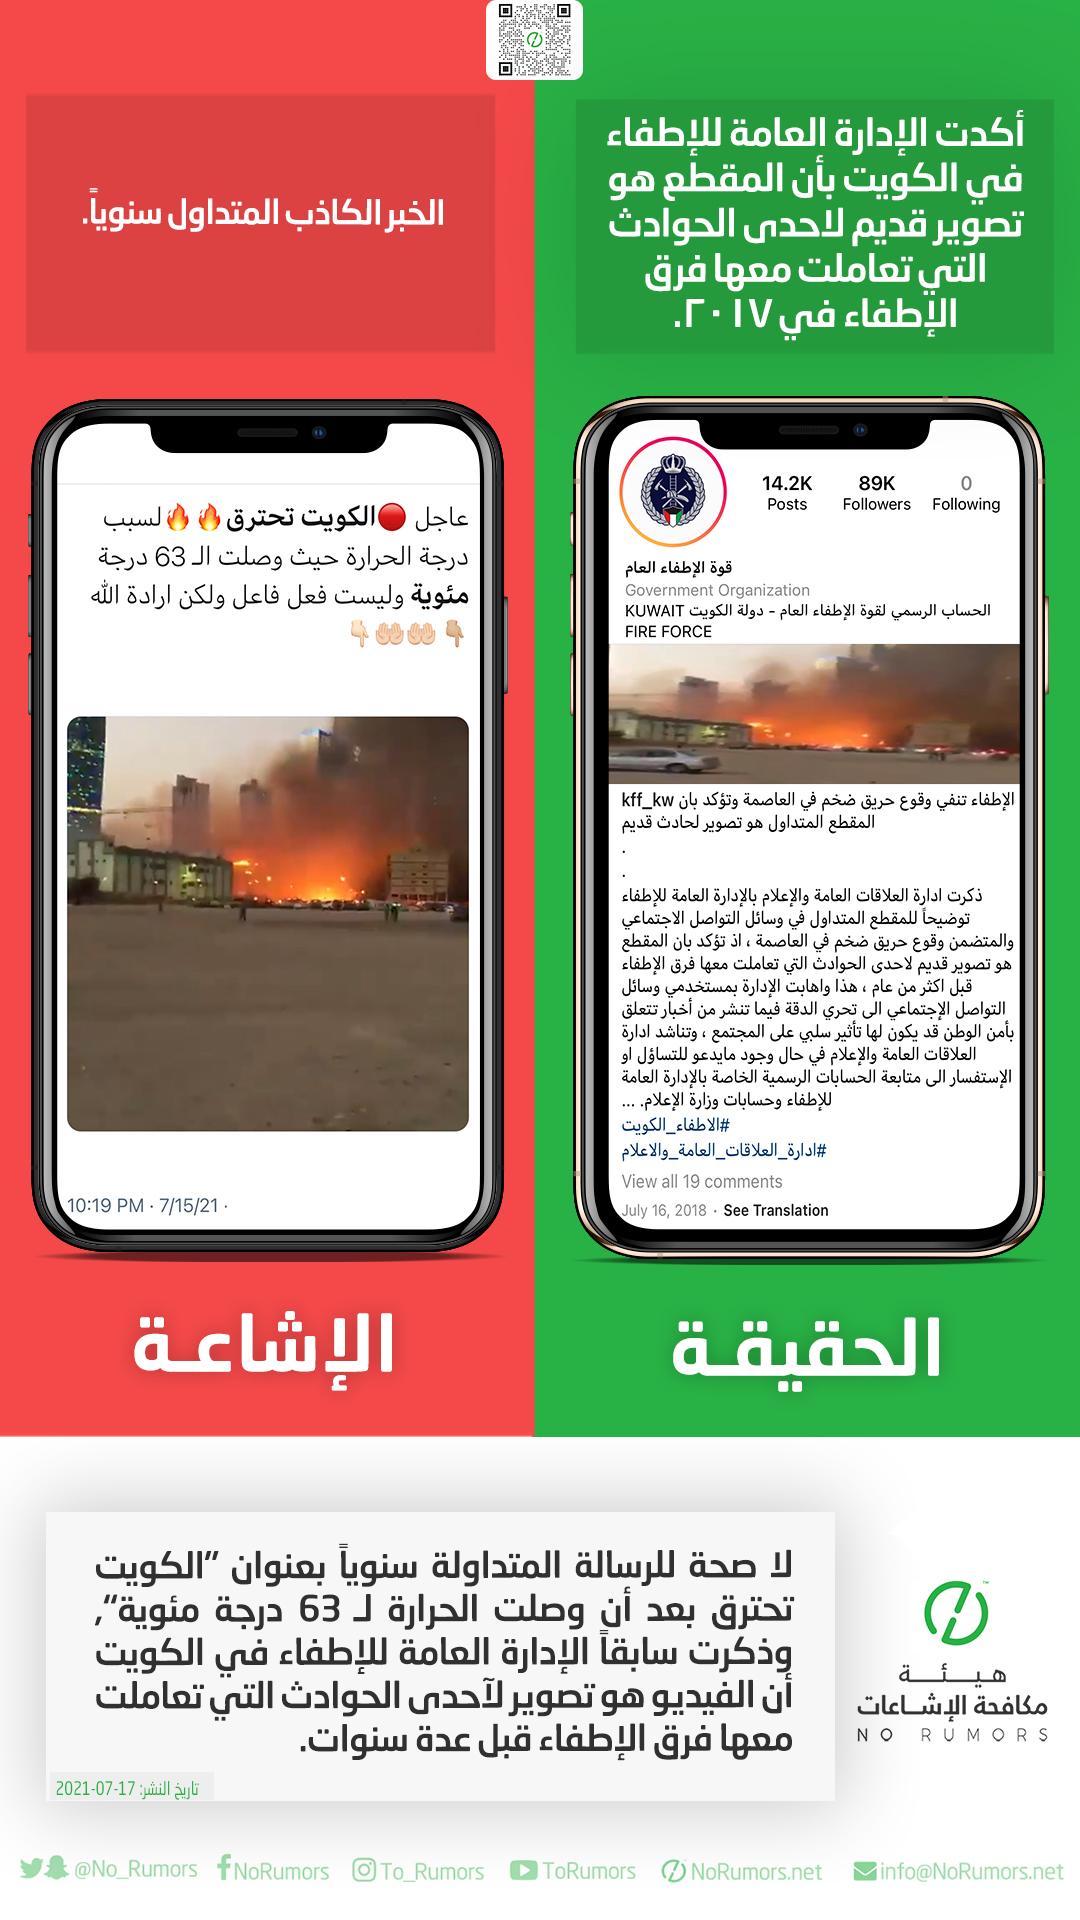 """حقيقة الرسالة المتداولة سنوياً بعنوان """"الكويت تحترق بعد أن وصلت الحرارة لـ63 درجة مئوية"""""""